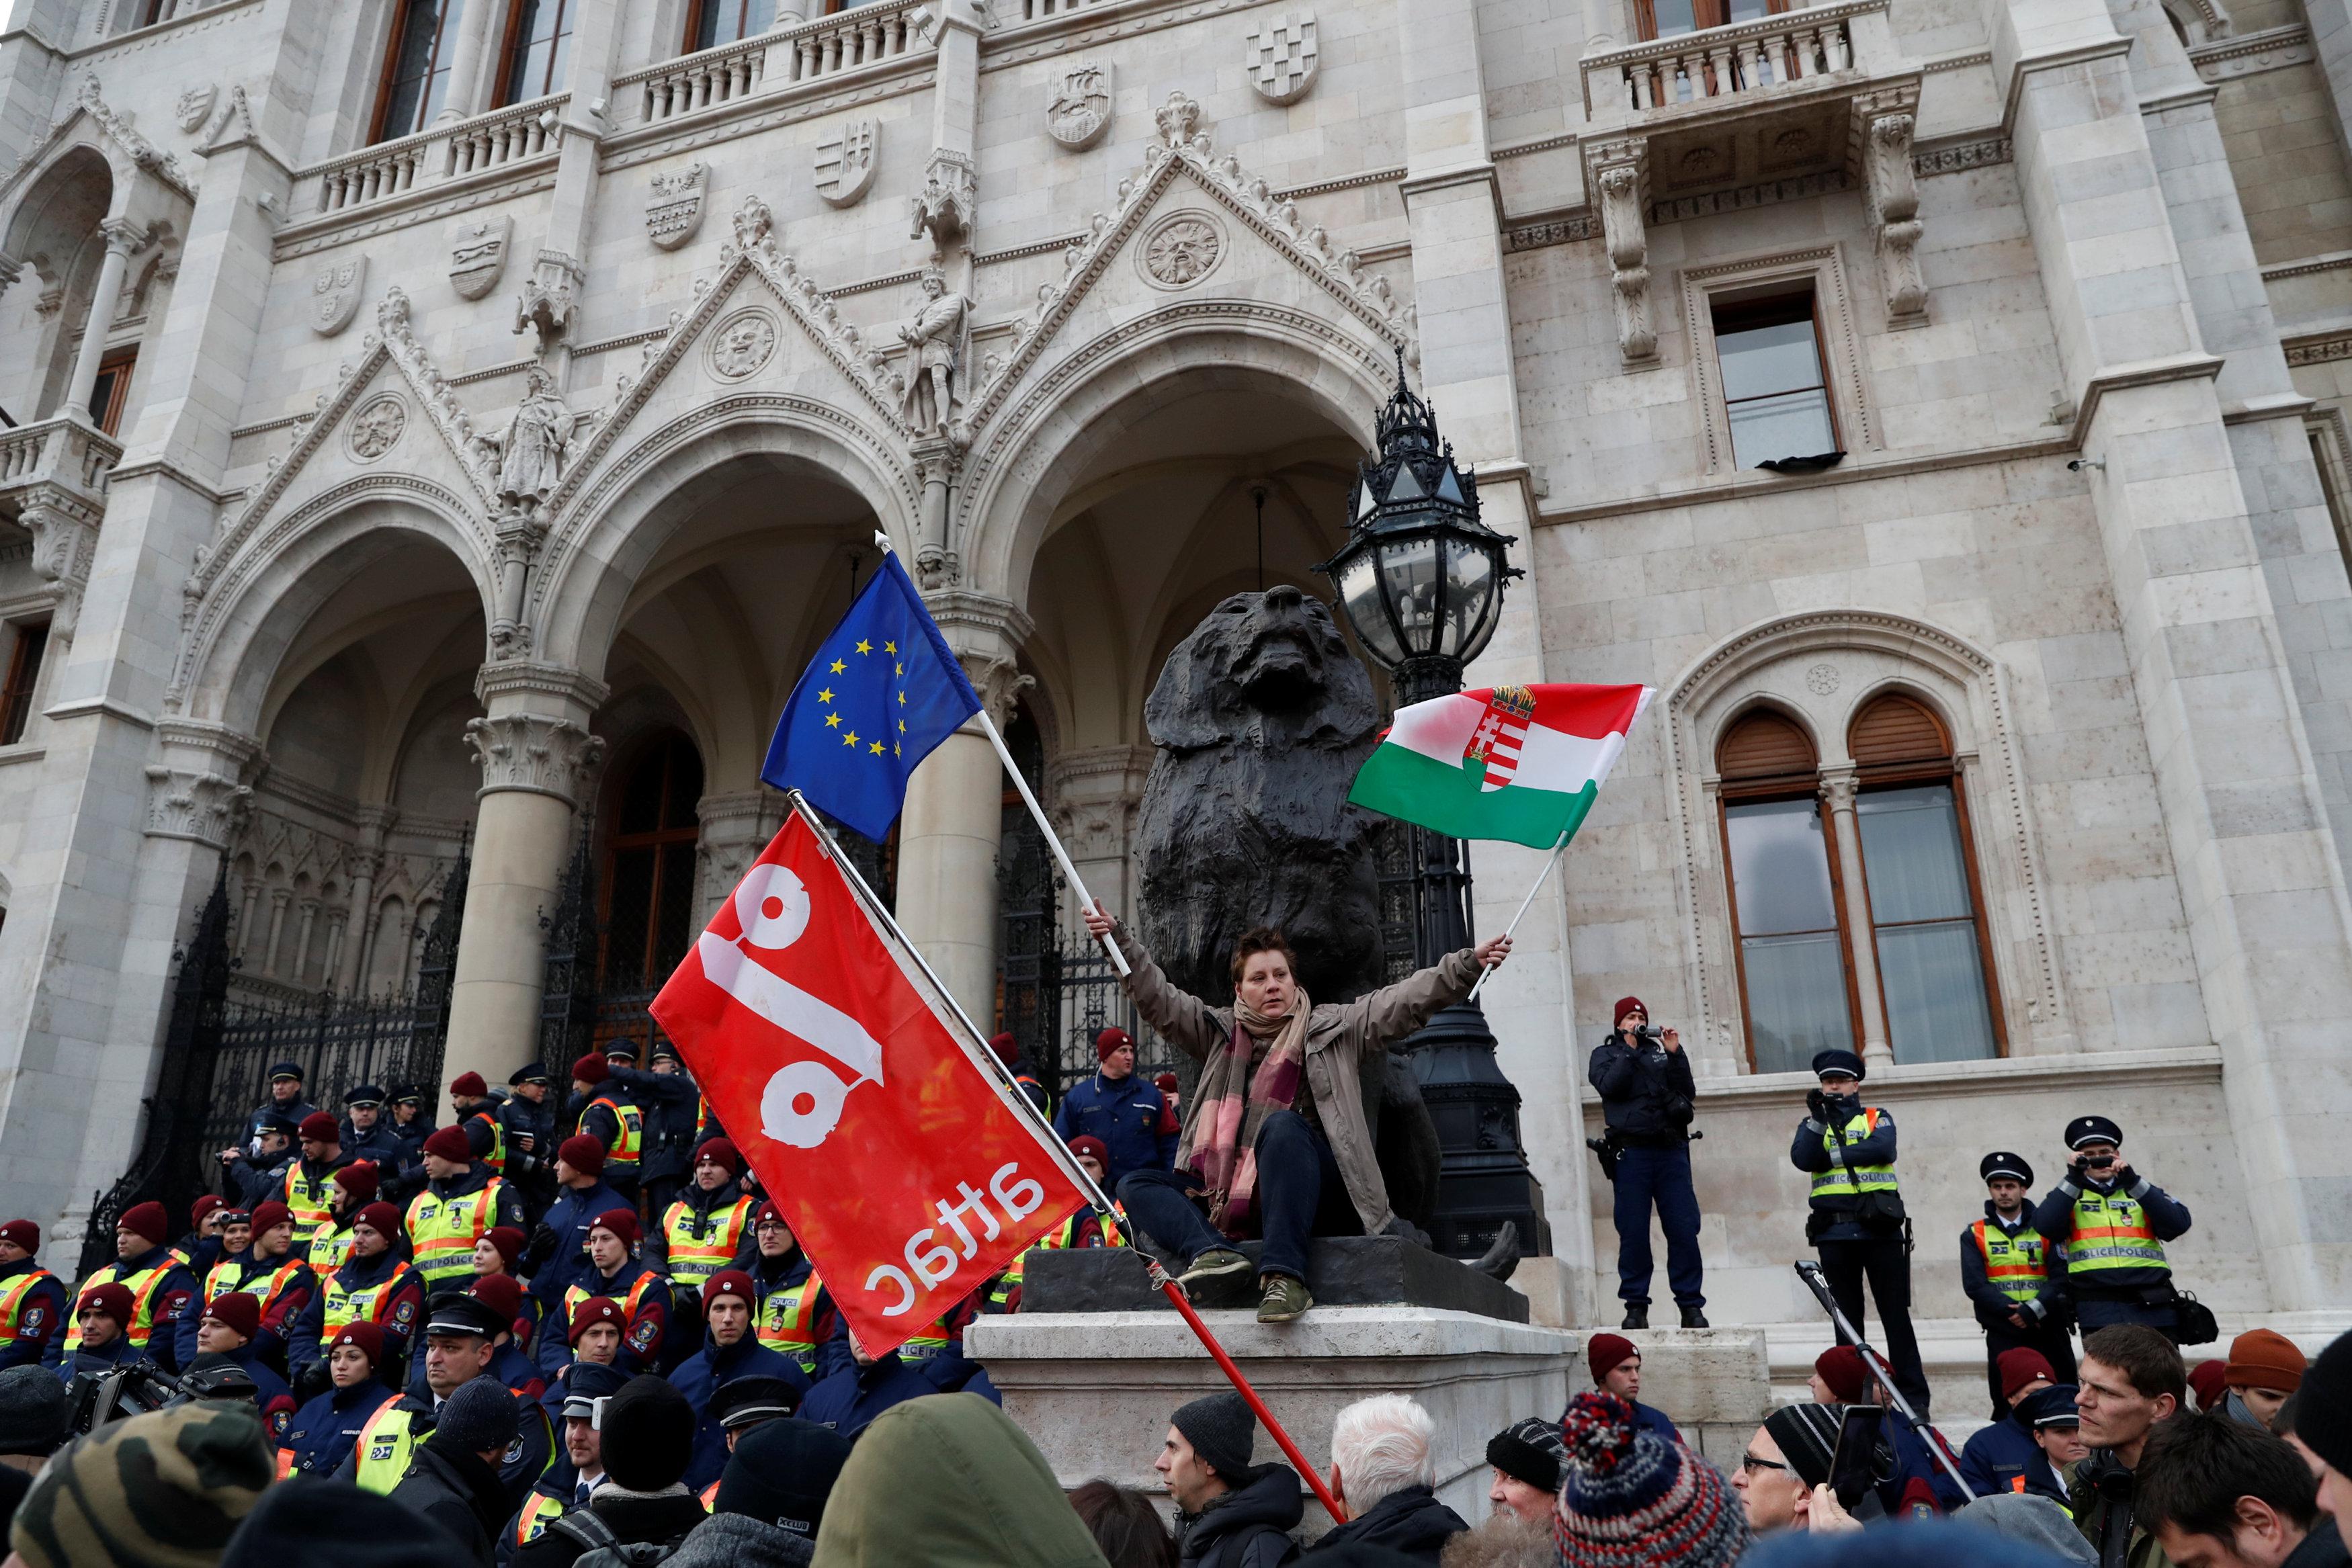 احتجاجات فى المجر ضد قانون العمل الجديد (1)